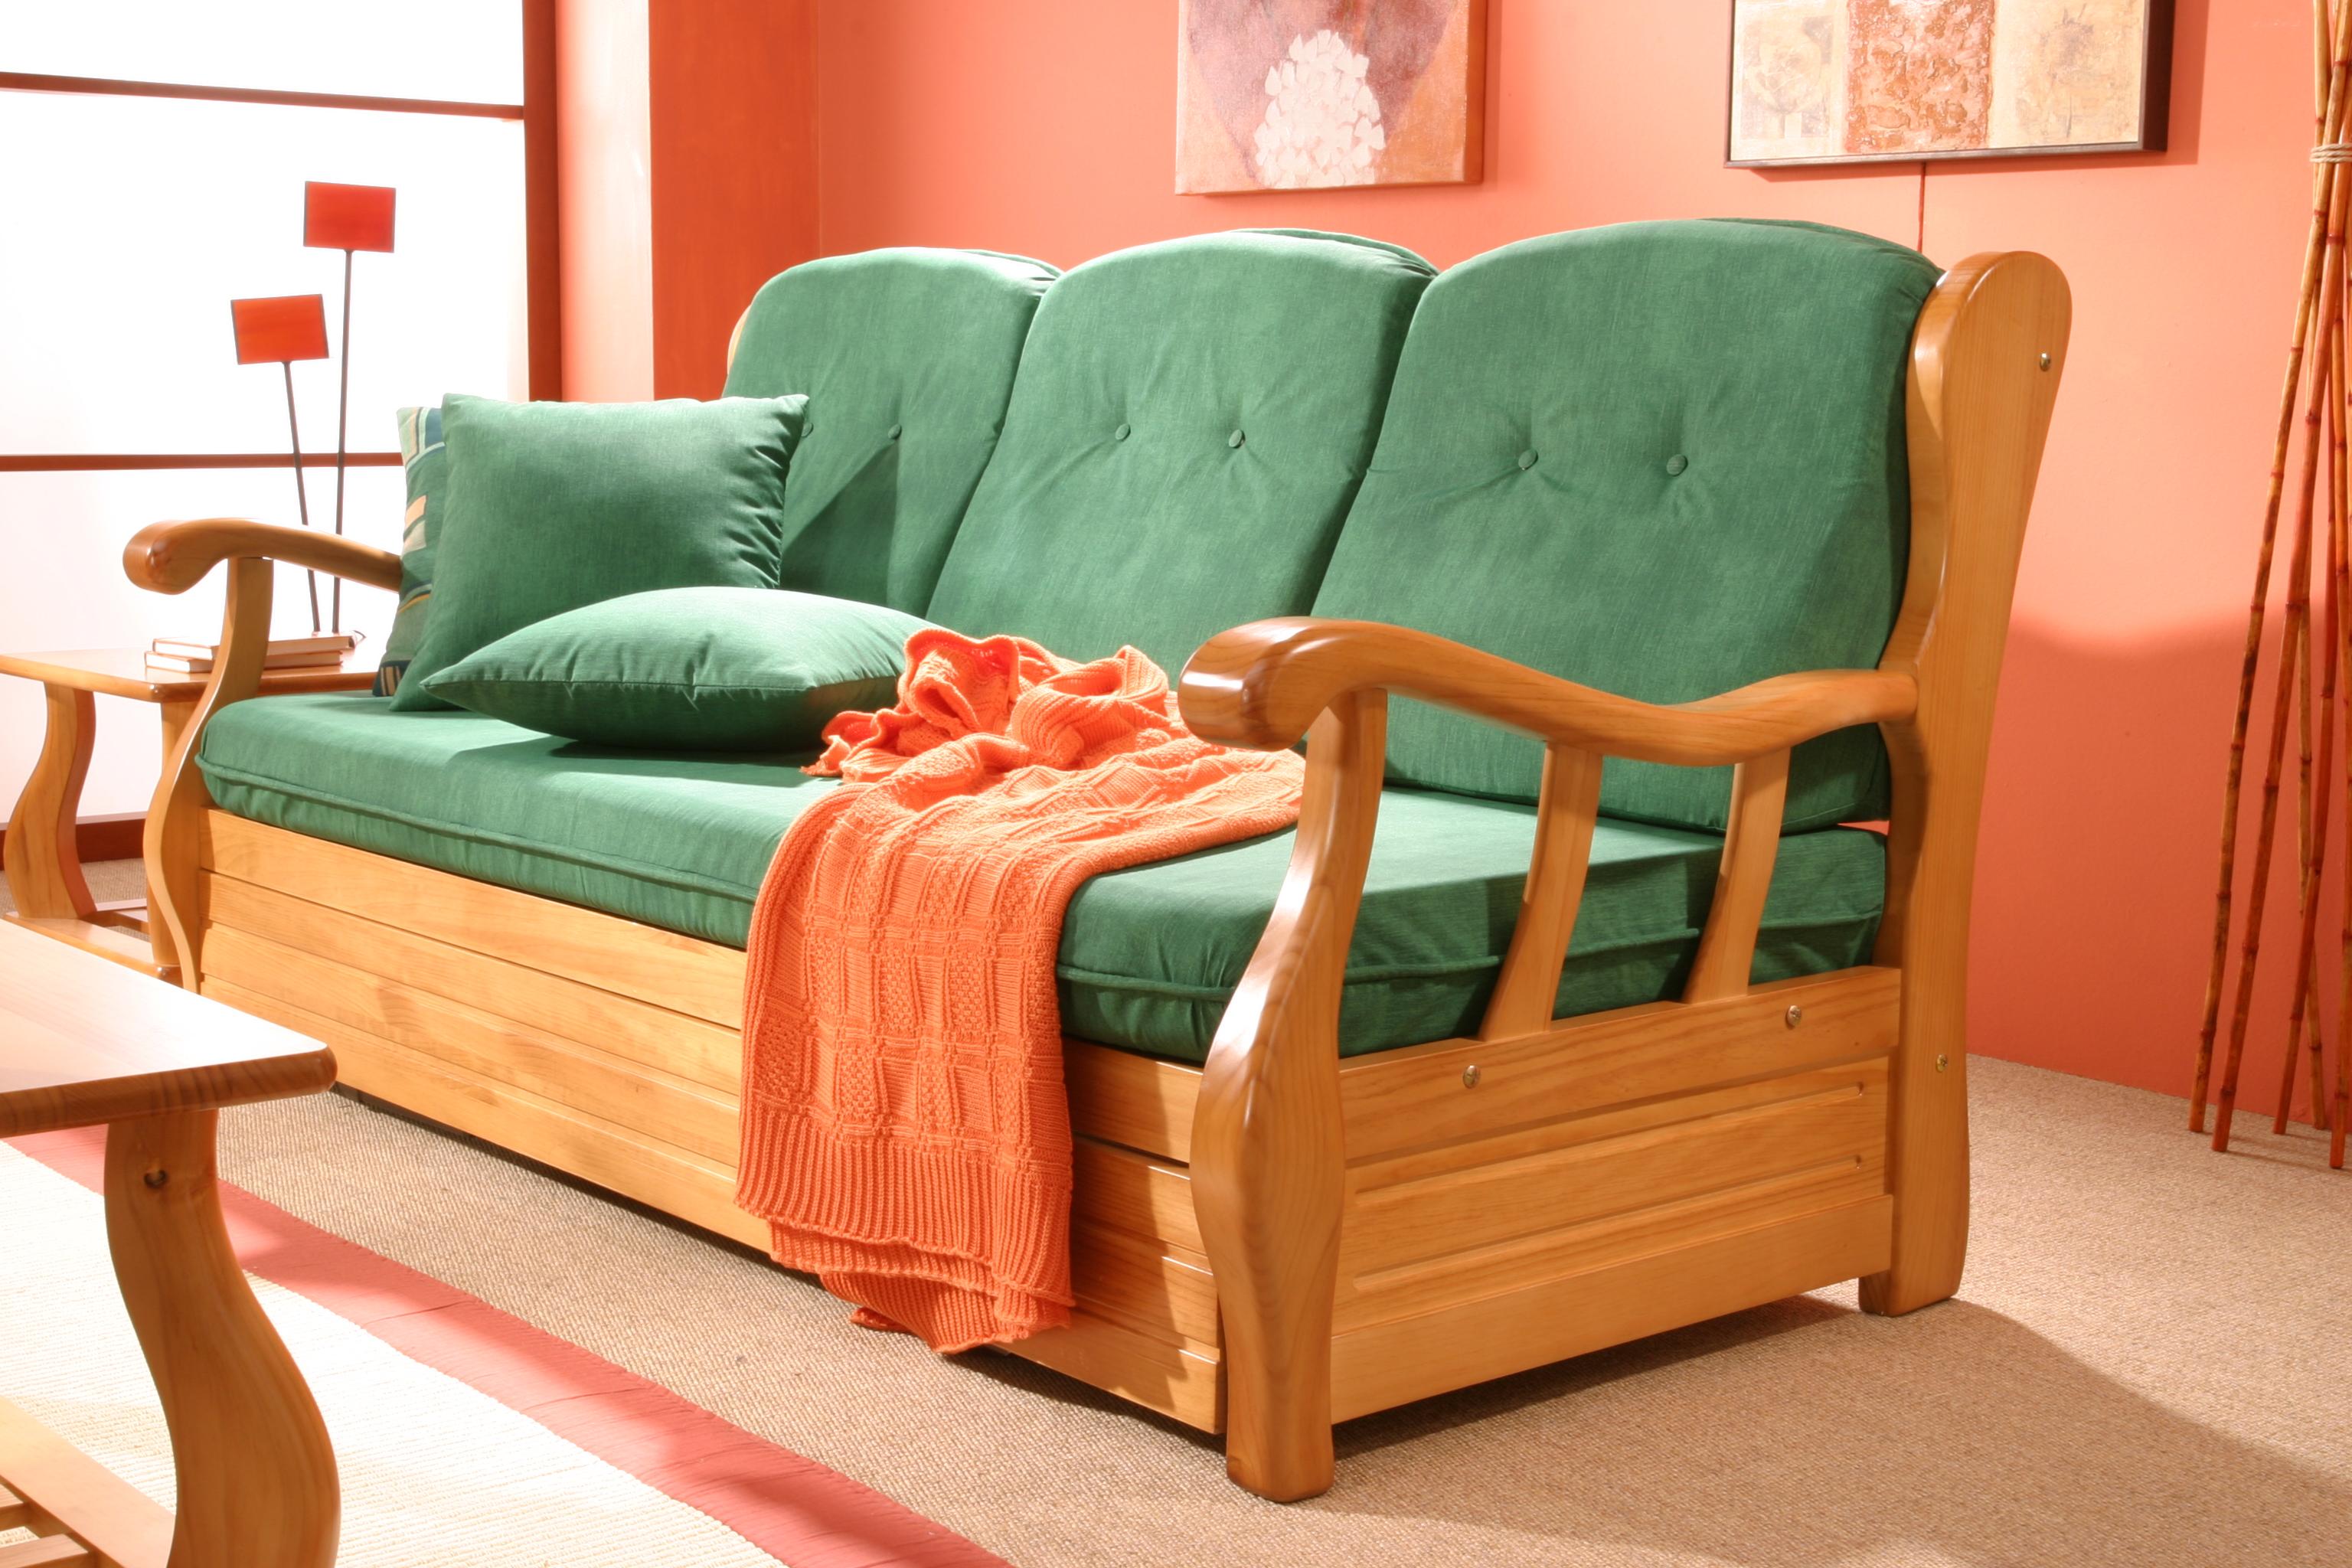 Sof s pino r stico muebles macareno - Sillon estilo provenzal ...